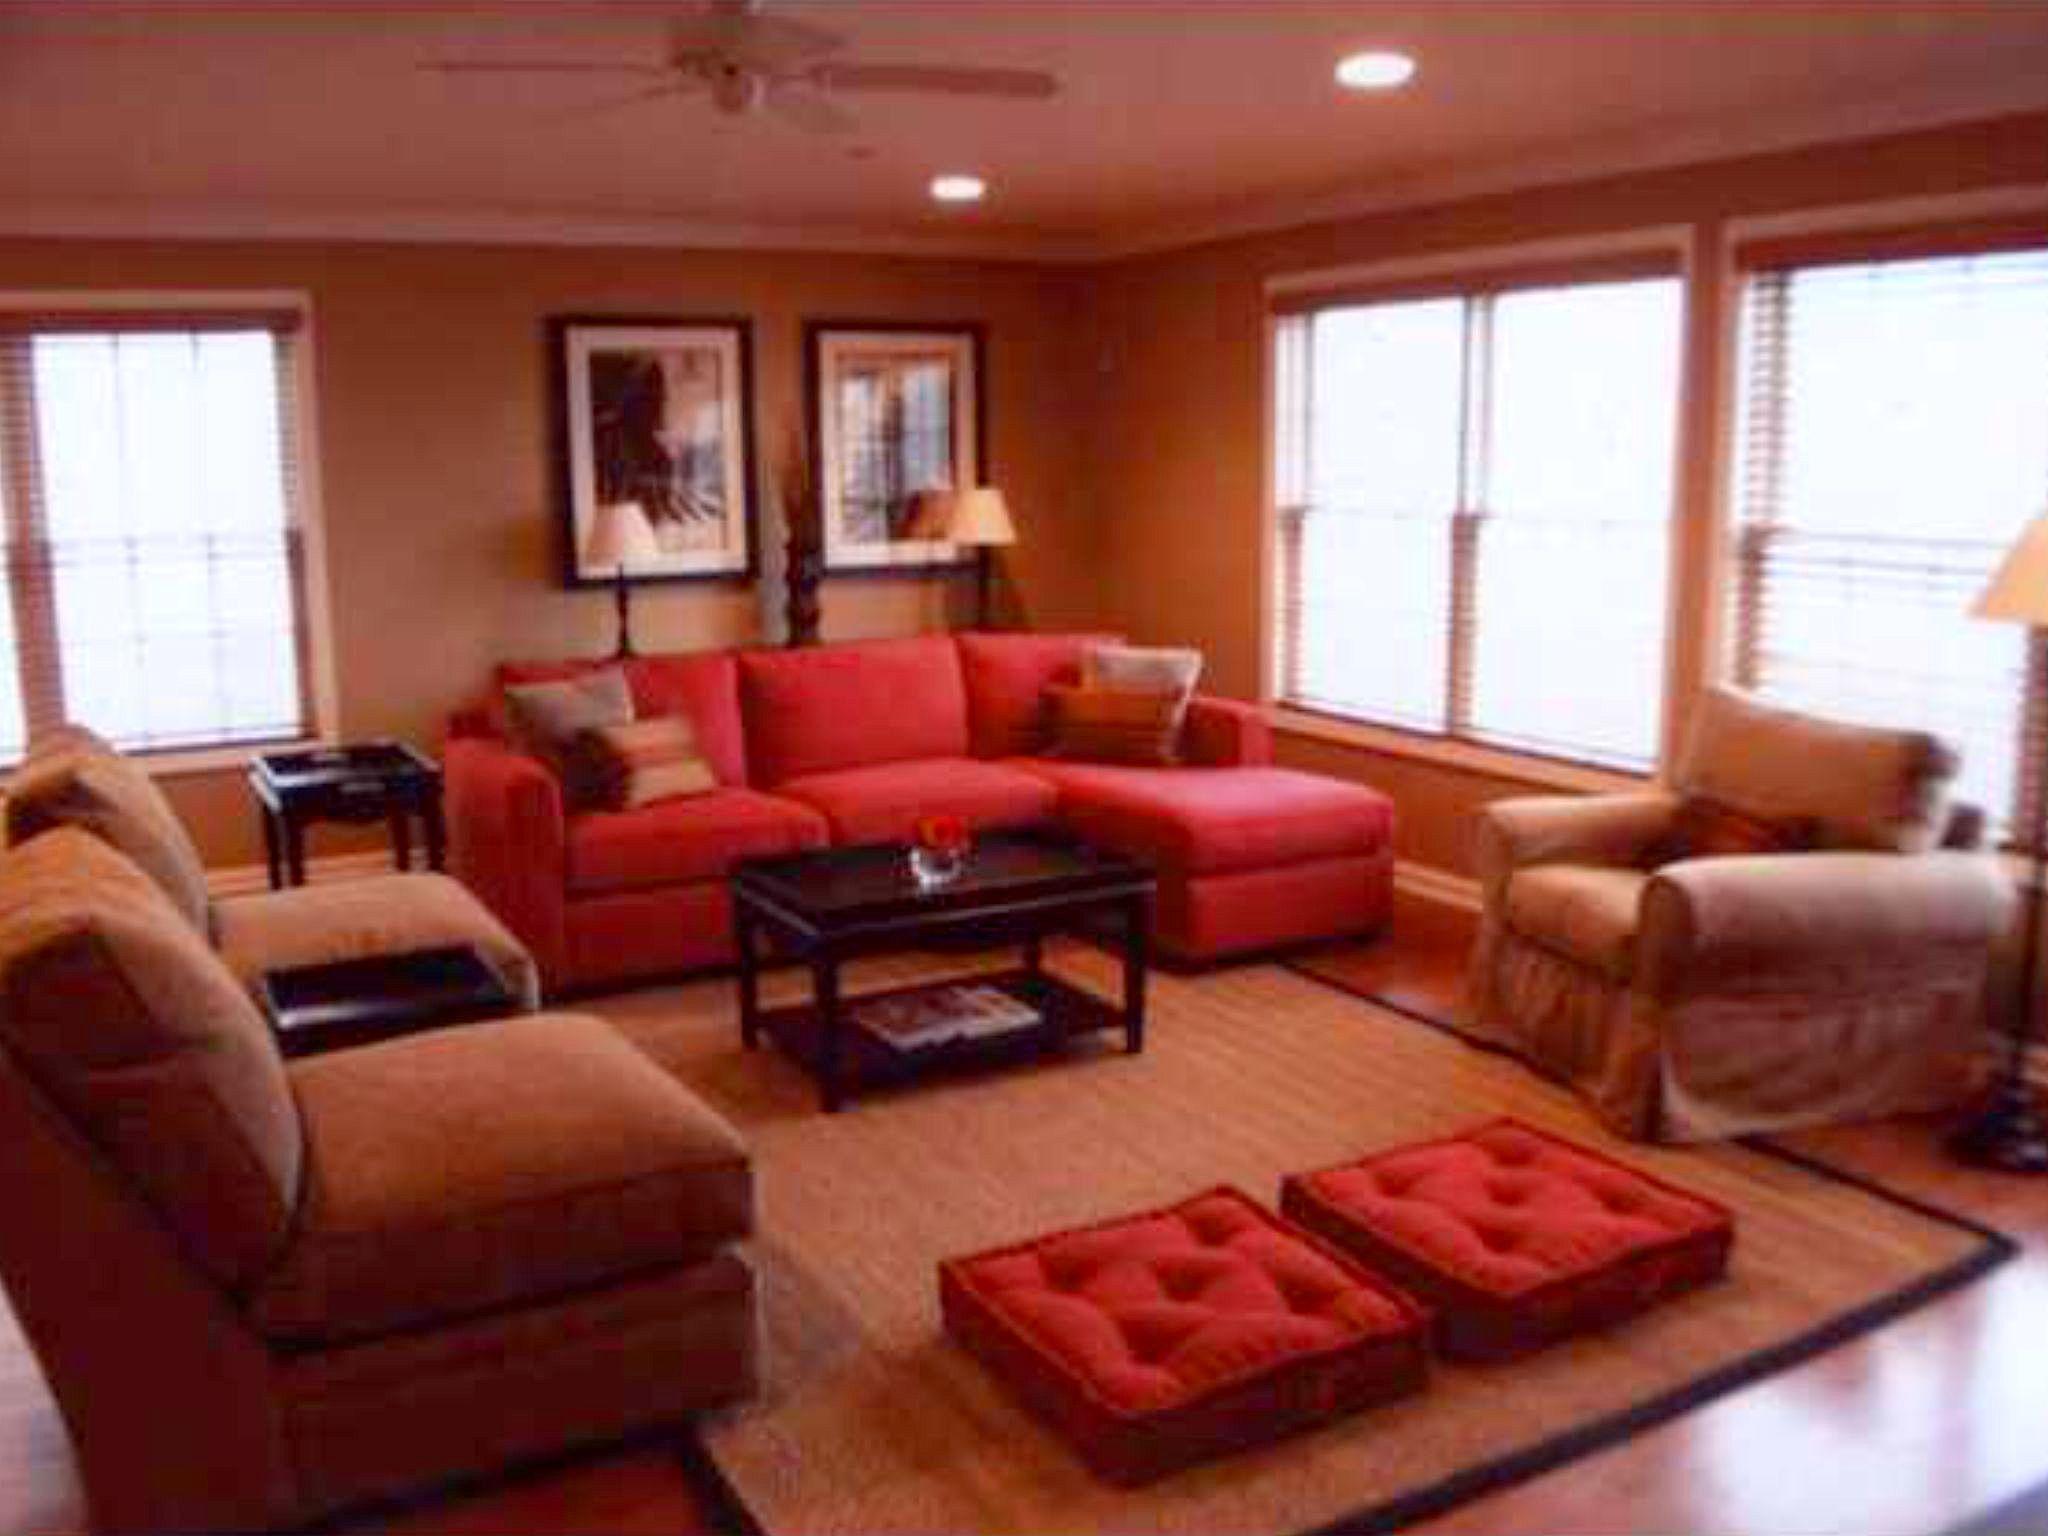 3 Bedrooms / 2.5 Bathrooms - Est. $4,502.00 / Month* for rent in Manasquan, NJ